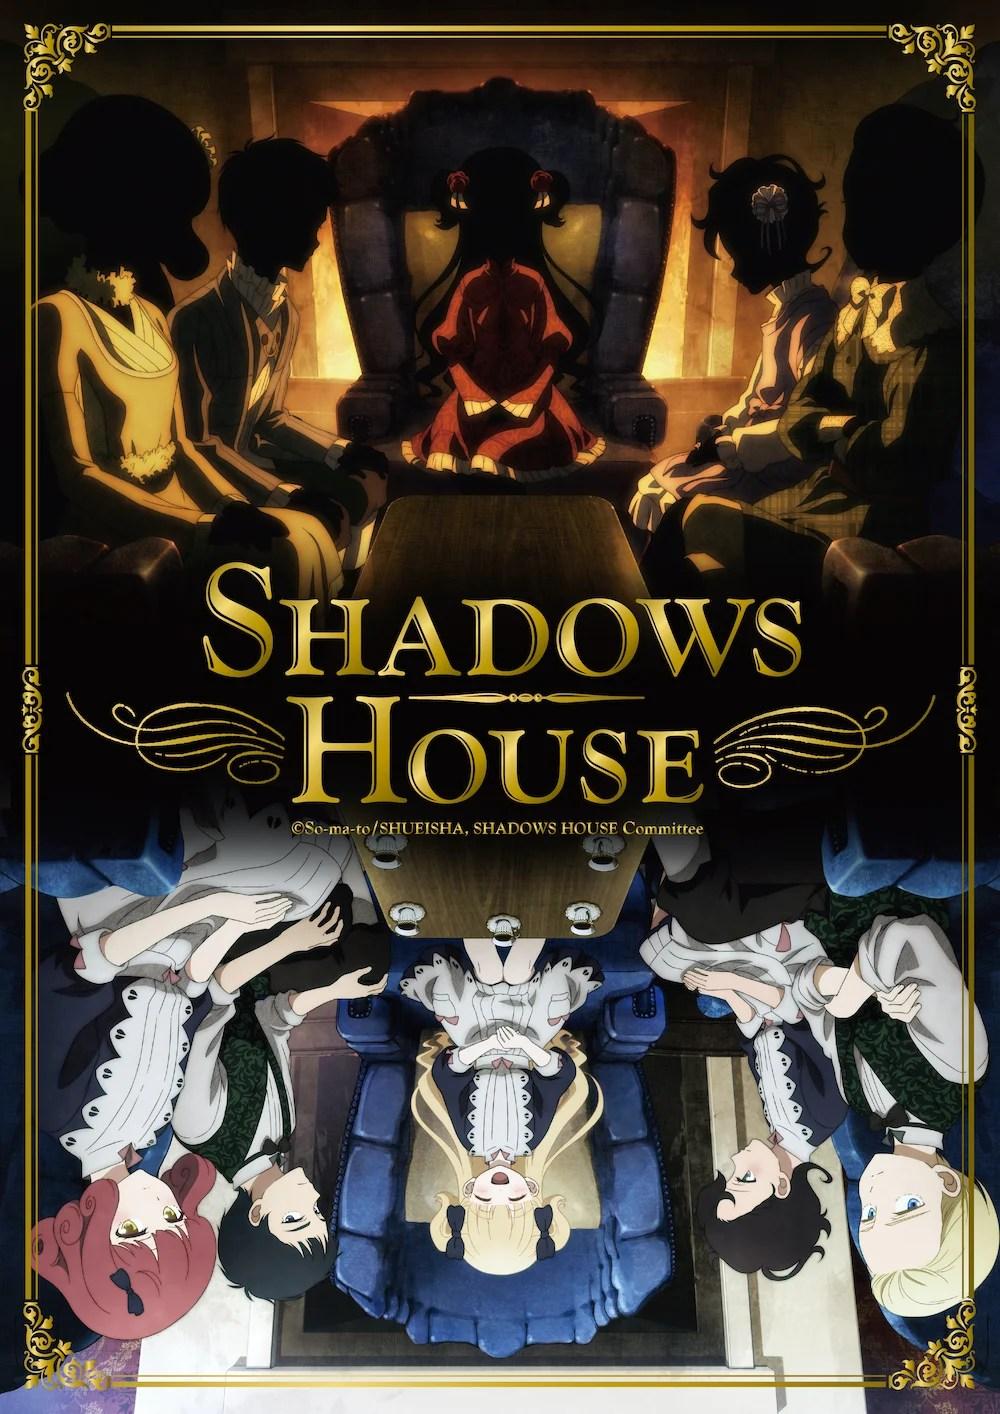 情報-SHADOWSHOUSE-英語サブ、HD、合法的にWakanim.tvでアニメストリーミング